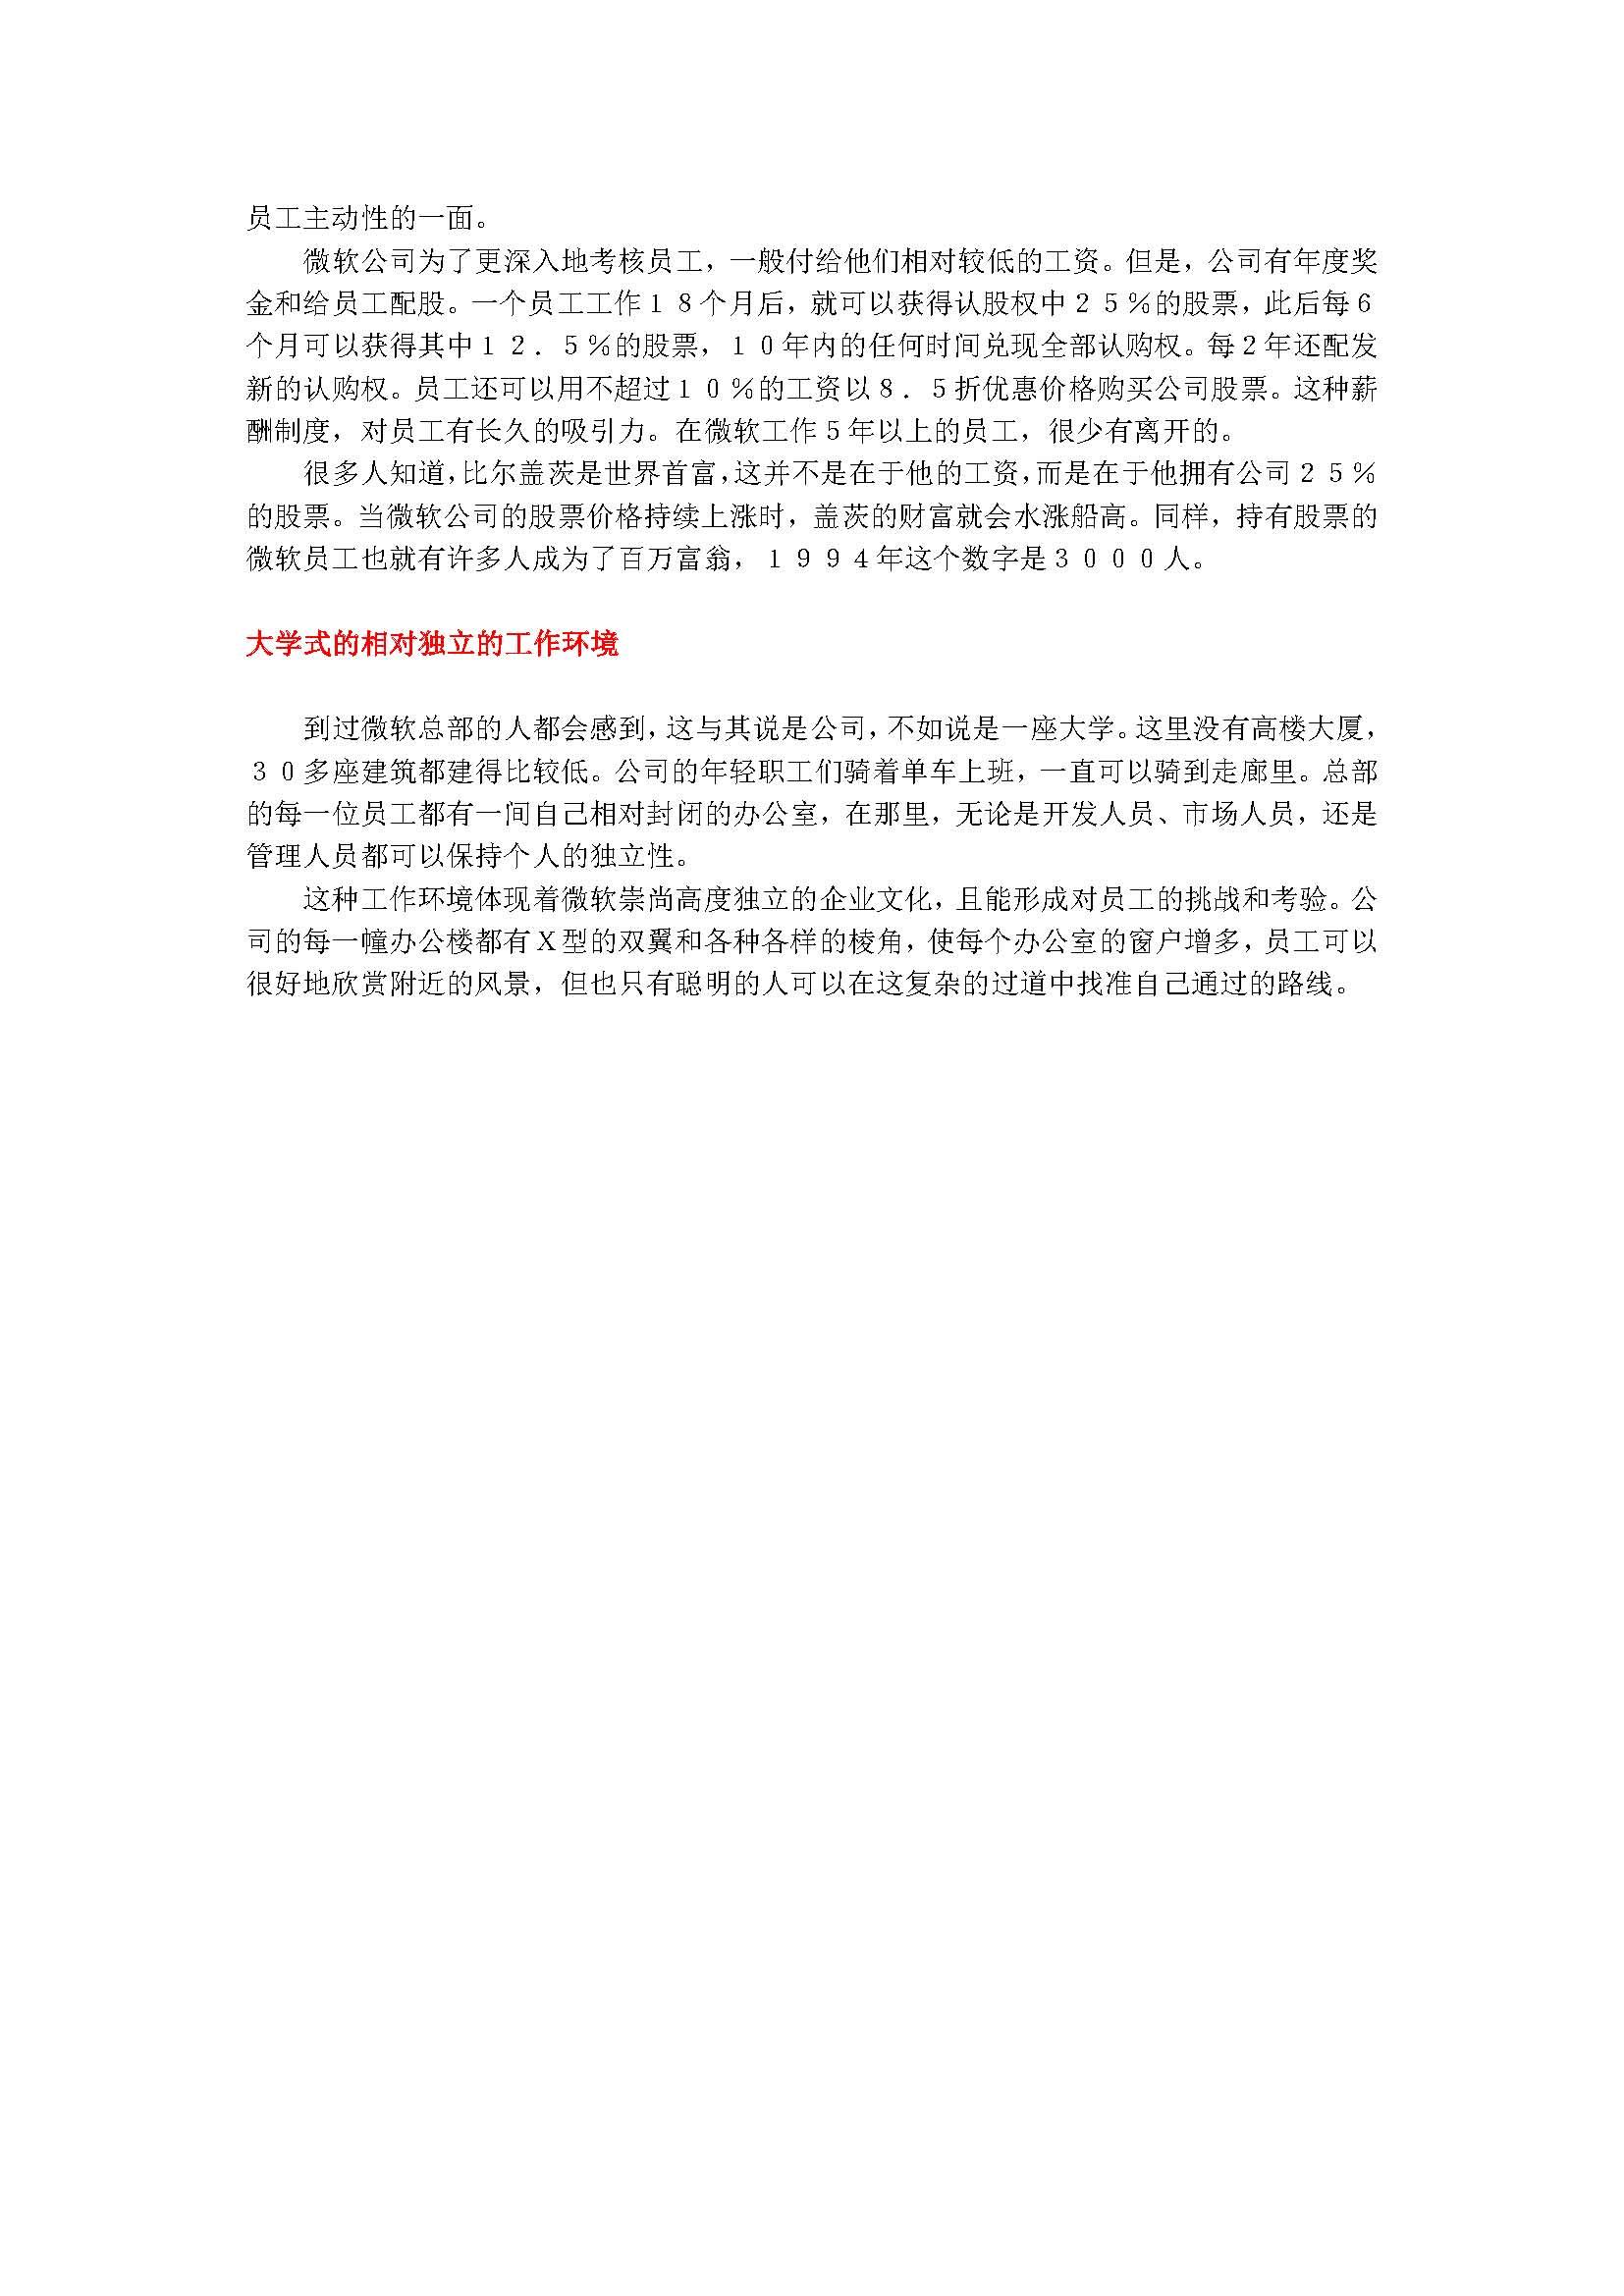 微软公司的留人高招_页面_3.jpg